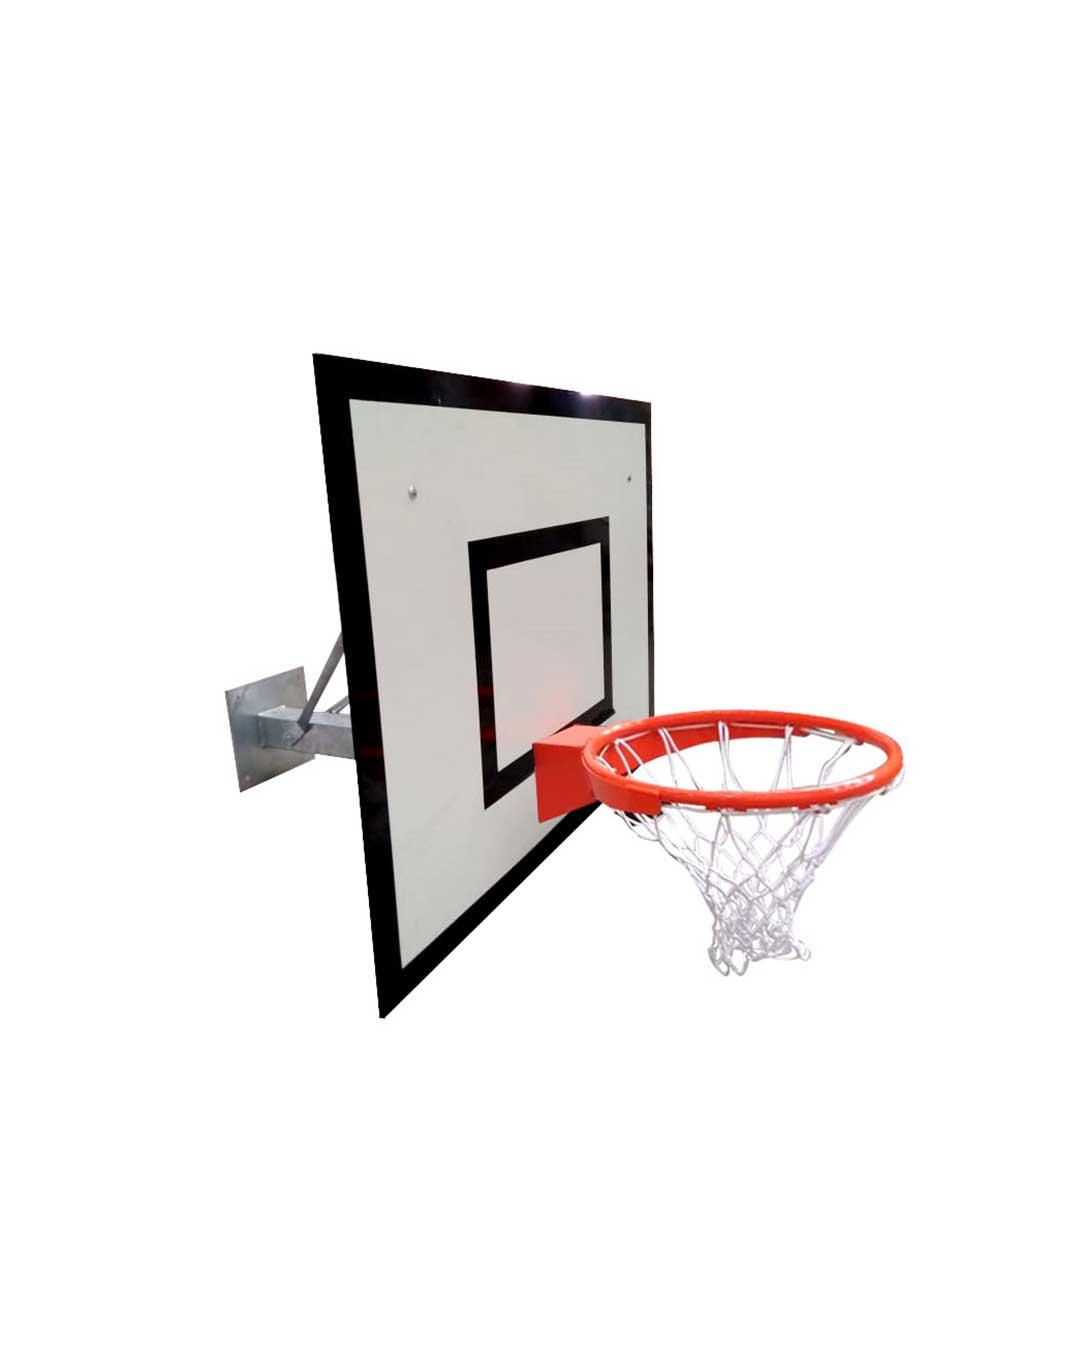 Tablero de basquetbol 80cm de Proyección (S04216 S04232)